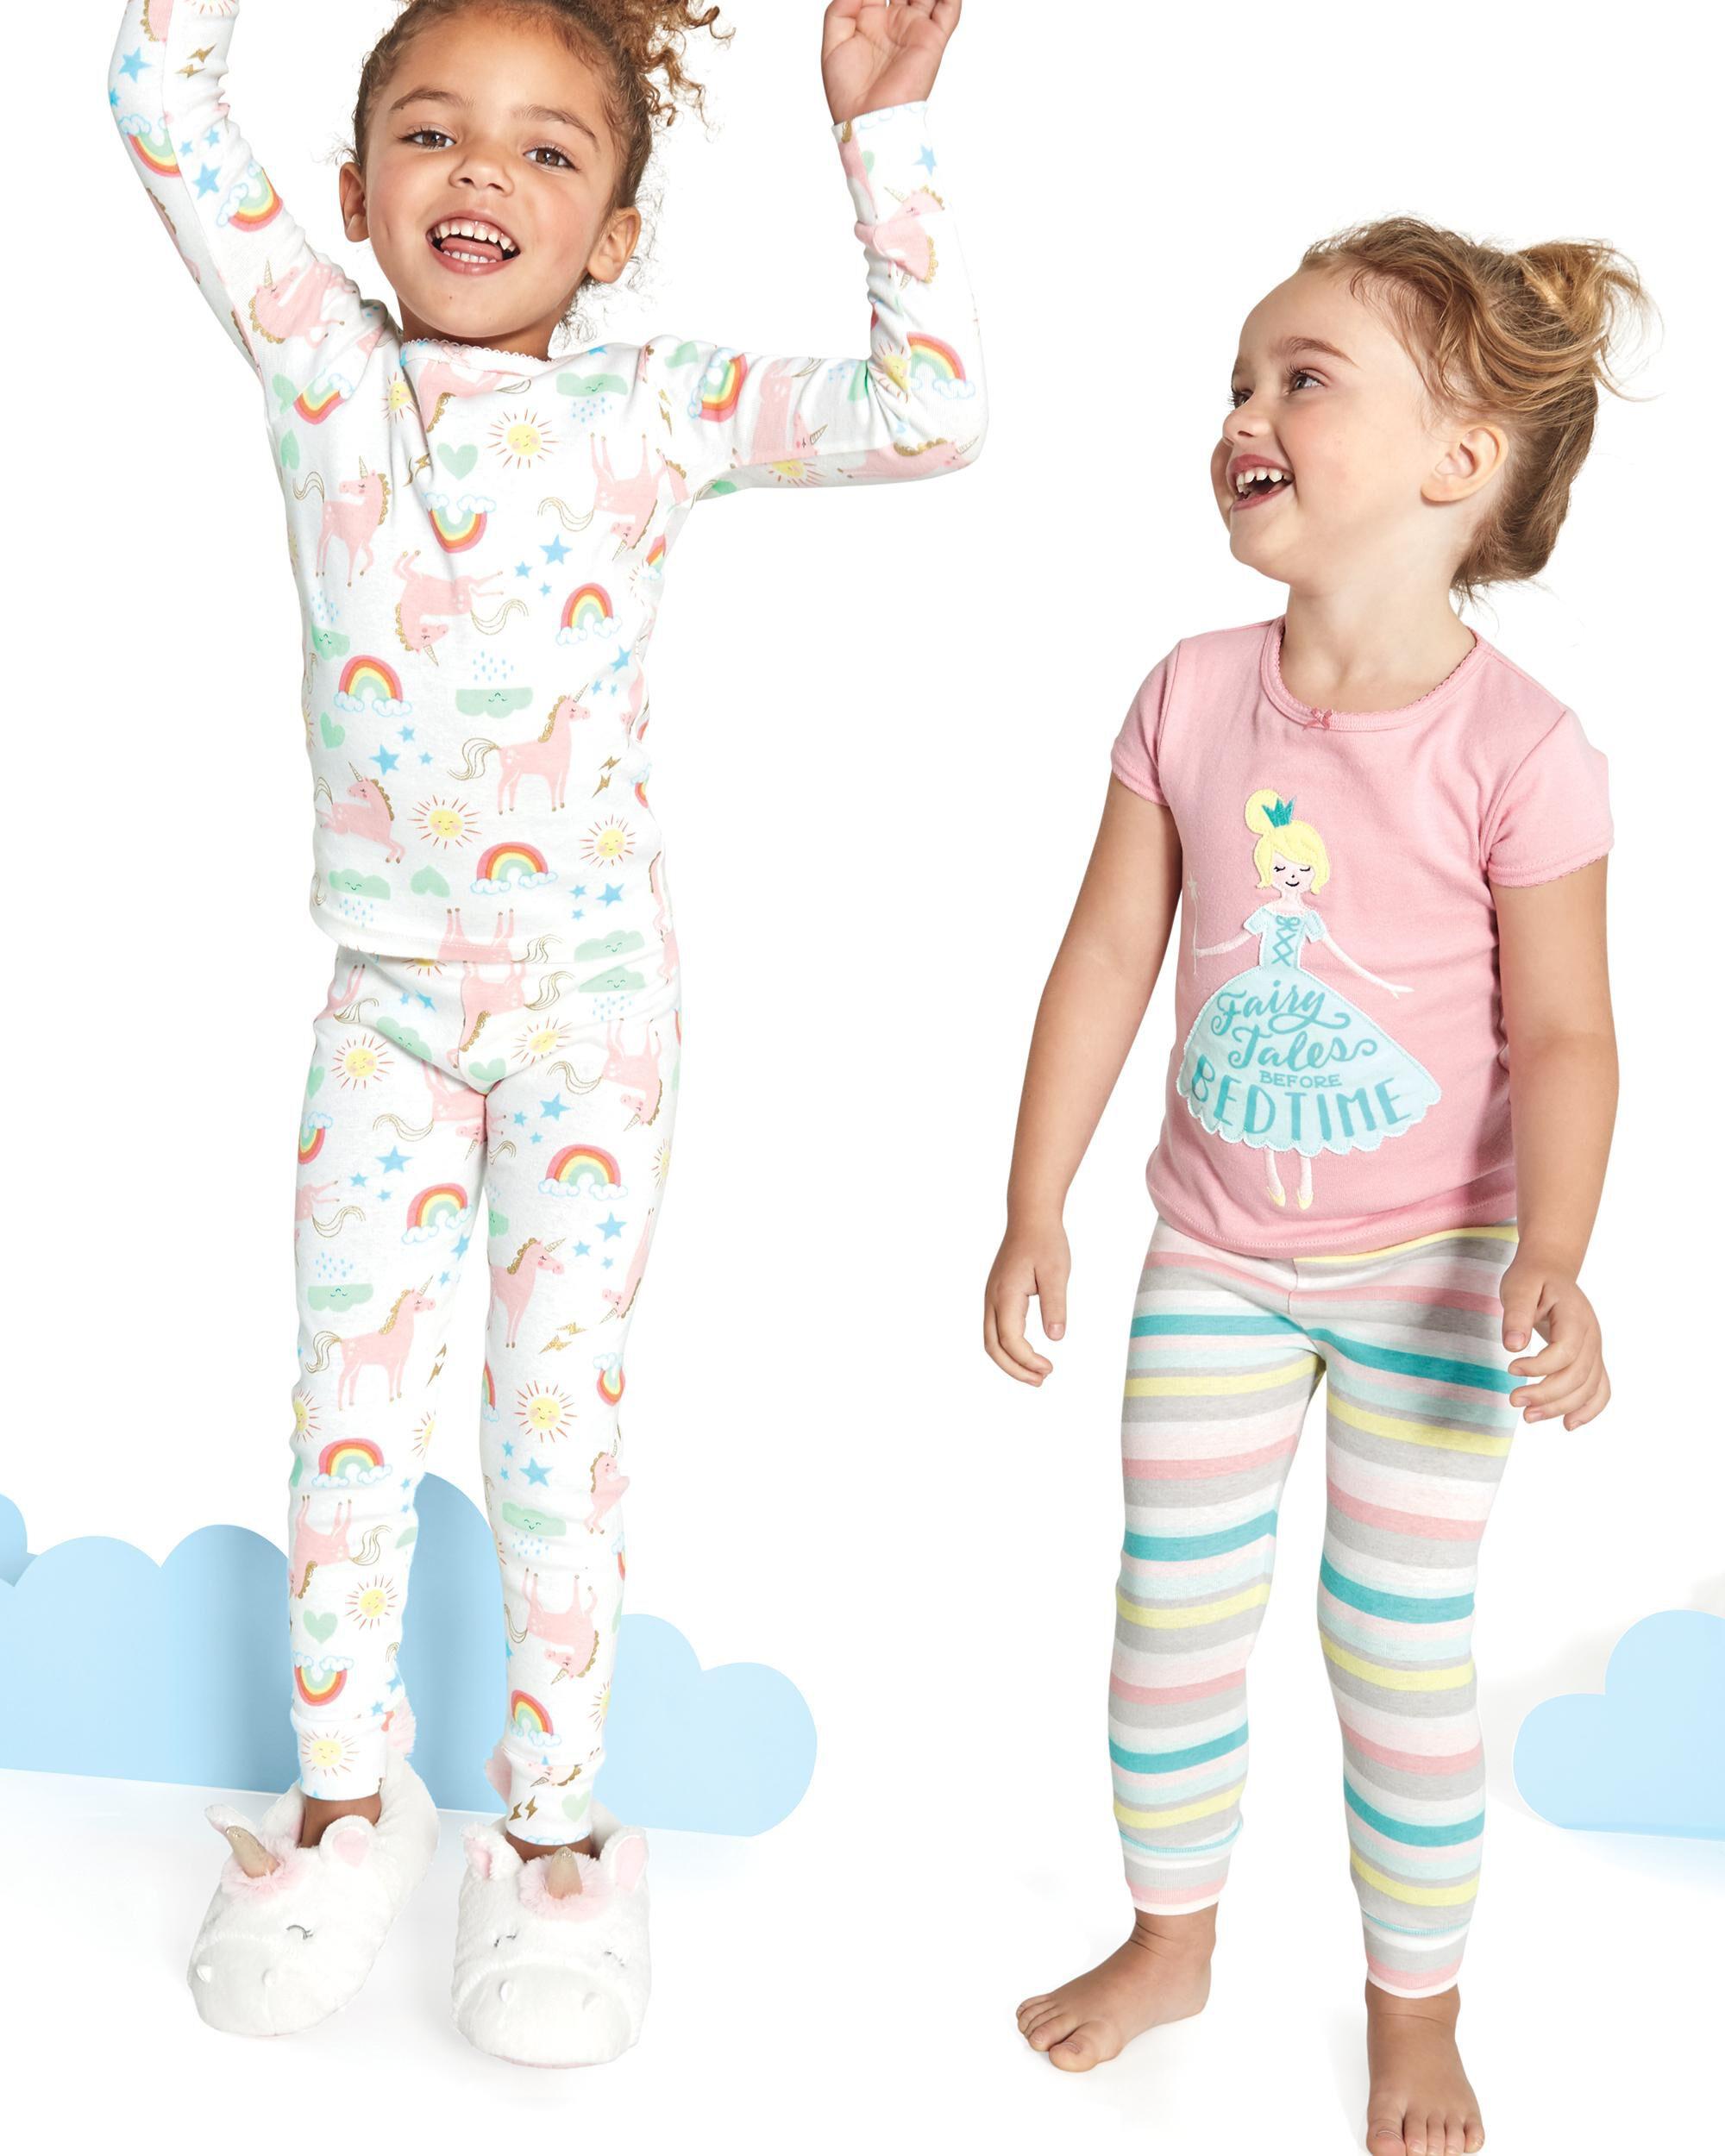 af97bafceec9 4-Piece Unicorn Snug Fit Cotton PJs